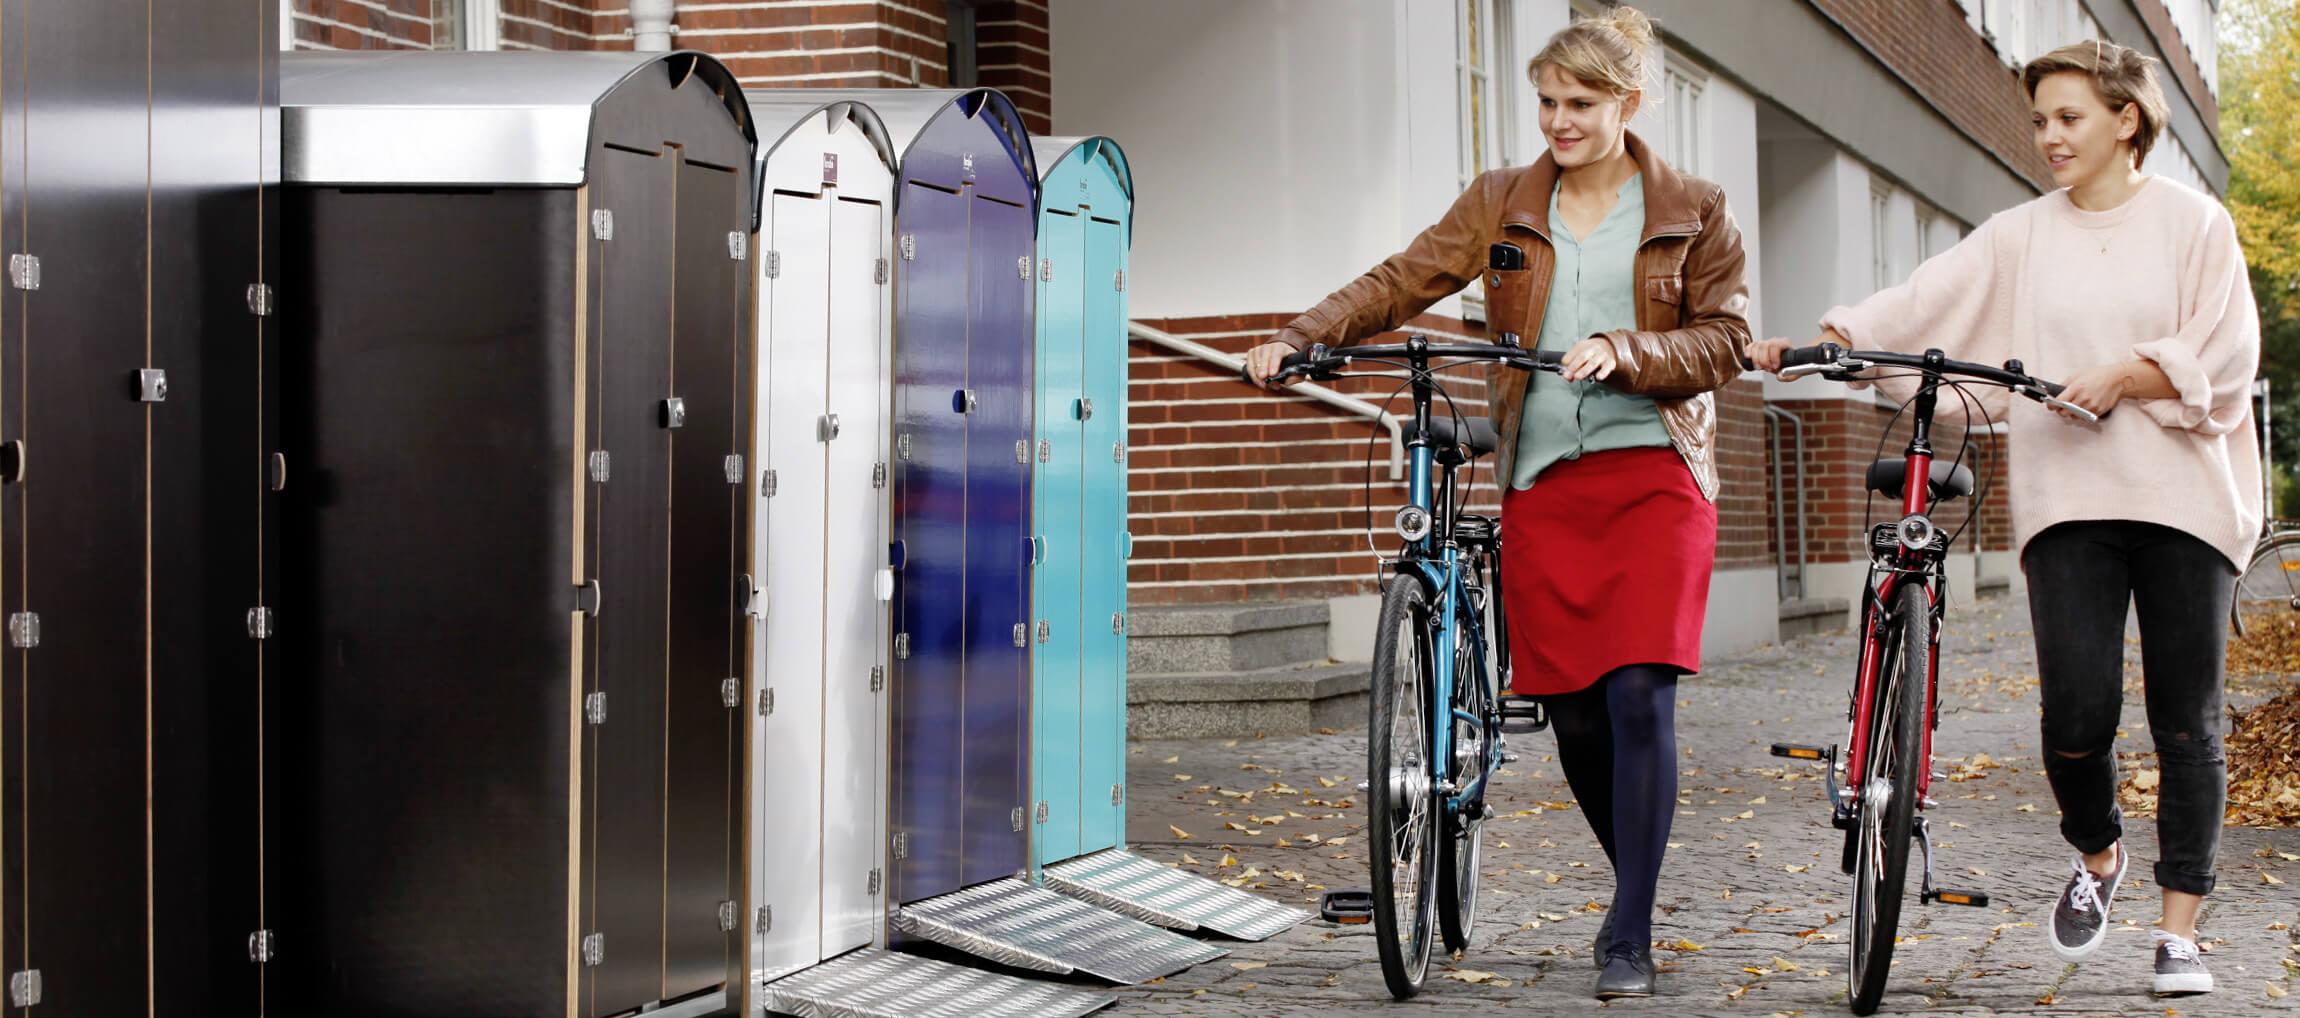 farabo die Fahrradgarage mit 2 Frauen und ihren Fahrrädern